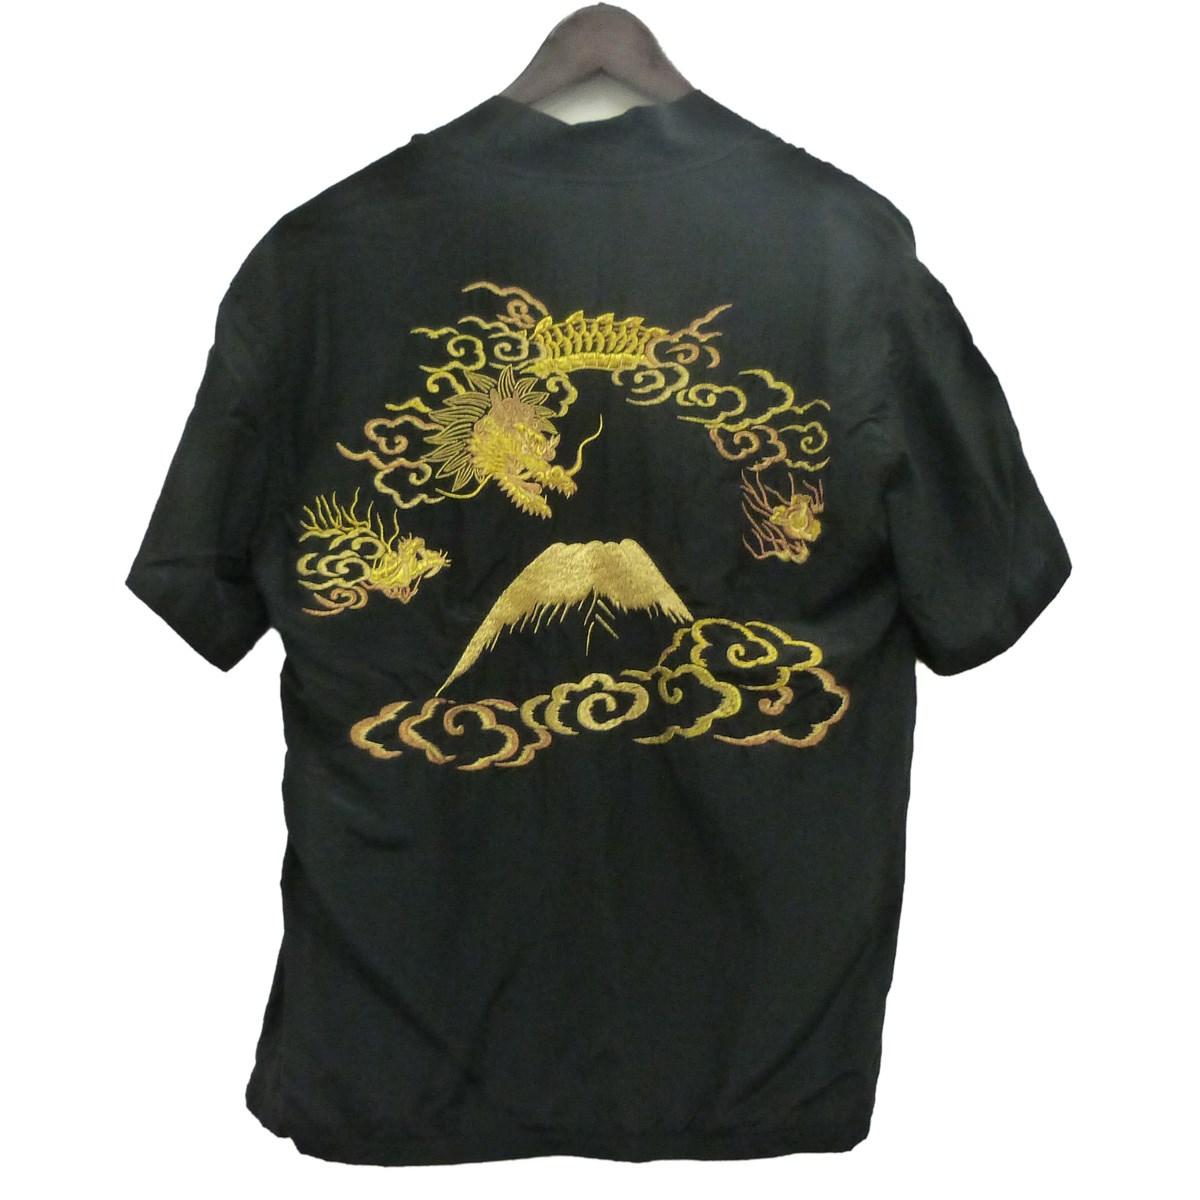 【中古】SASQUATCHfabrix. 16SS「YOKOSUKA HALF SLEEVE SHIRTS」羽織ヨコスカシャツ ブラック サイズ:S 【200420】(サスクワァッチファブリックス.)